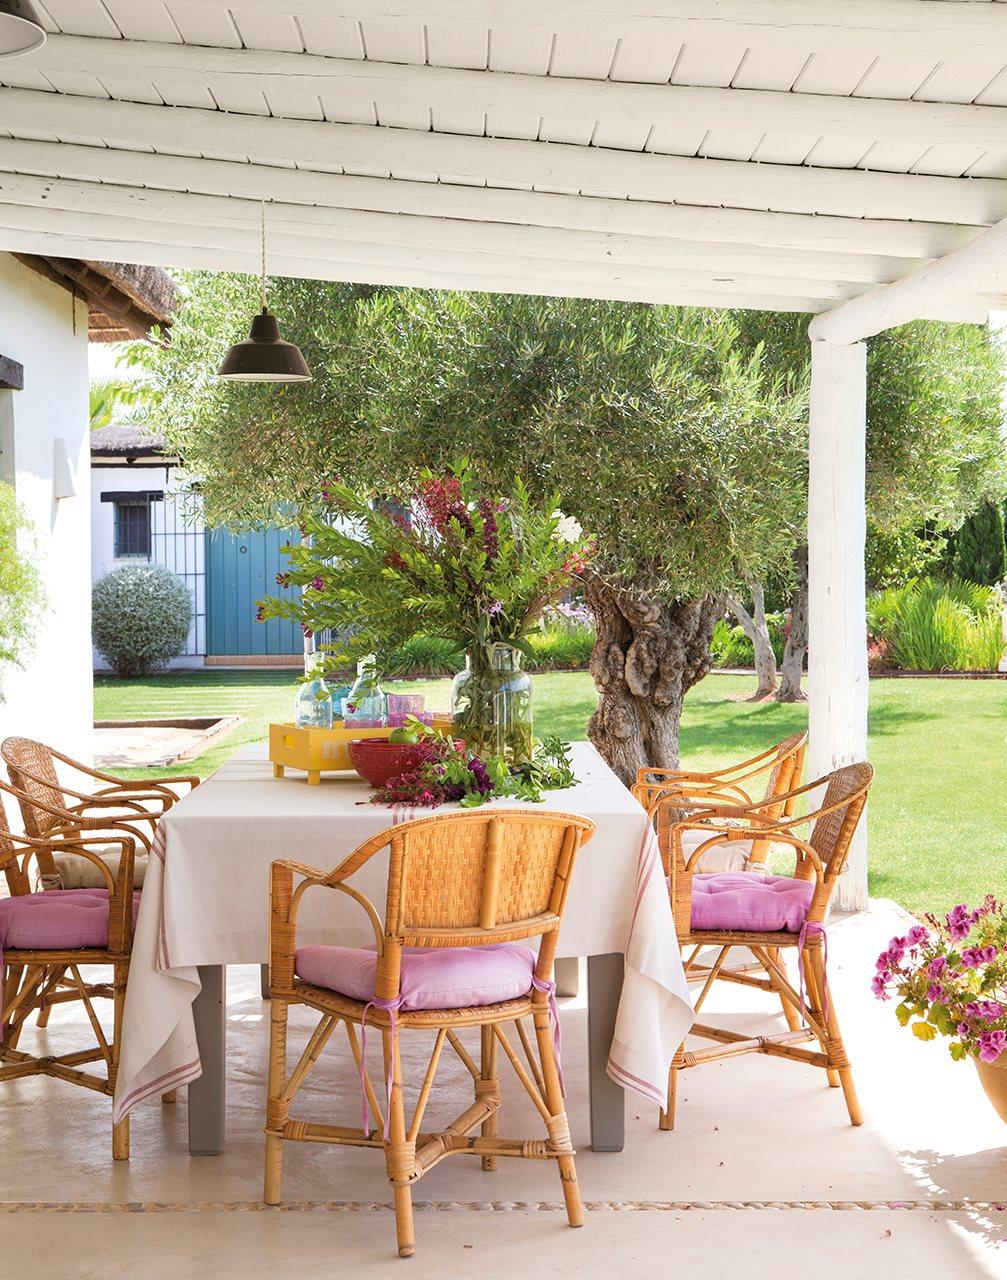 10 6 - Toque de encanto y color en Carmona (Sevilla): una casa entre olivos para alargar el verano